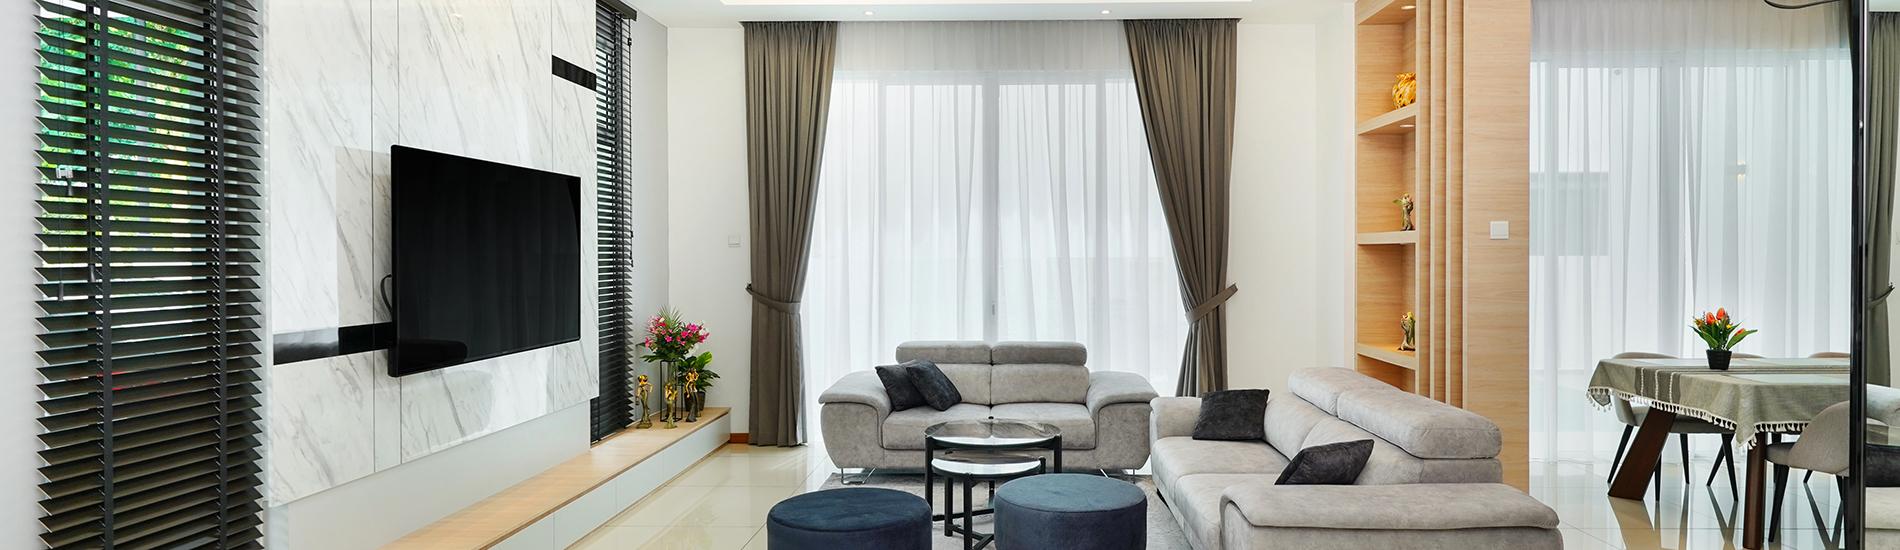 eleven-interior-design-renovation-sdn-bhd